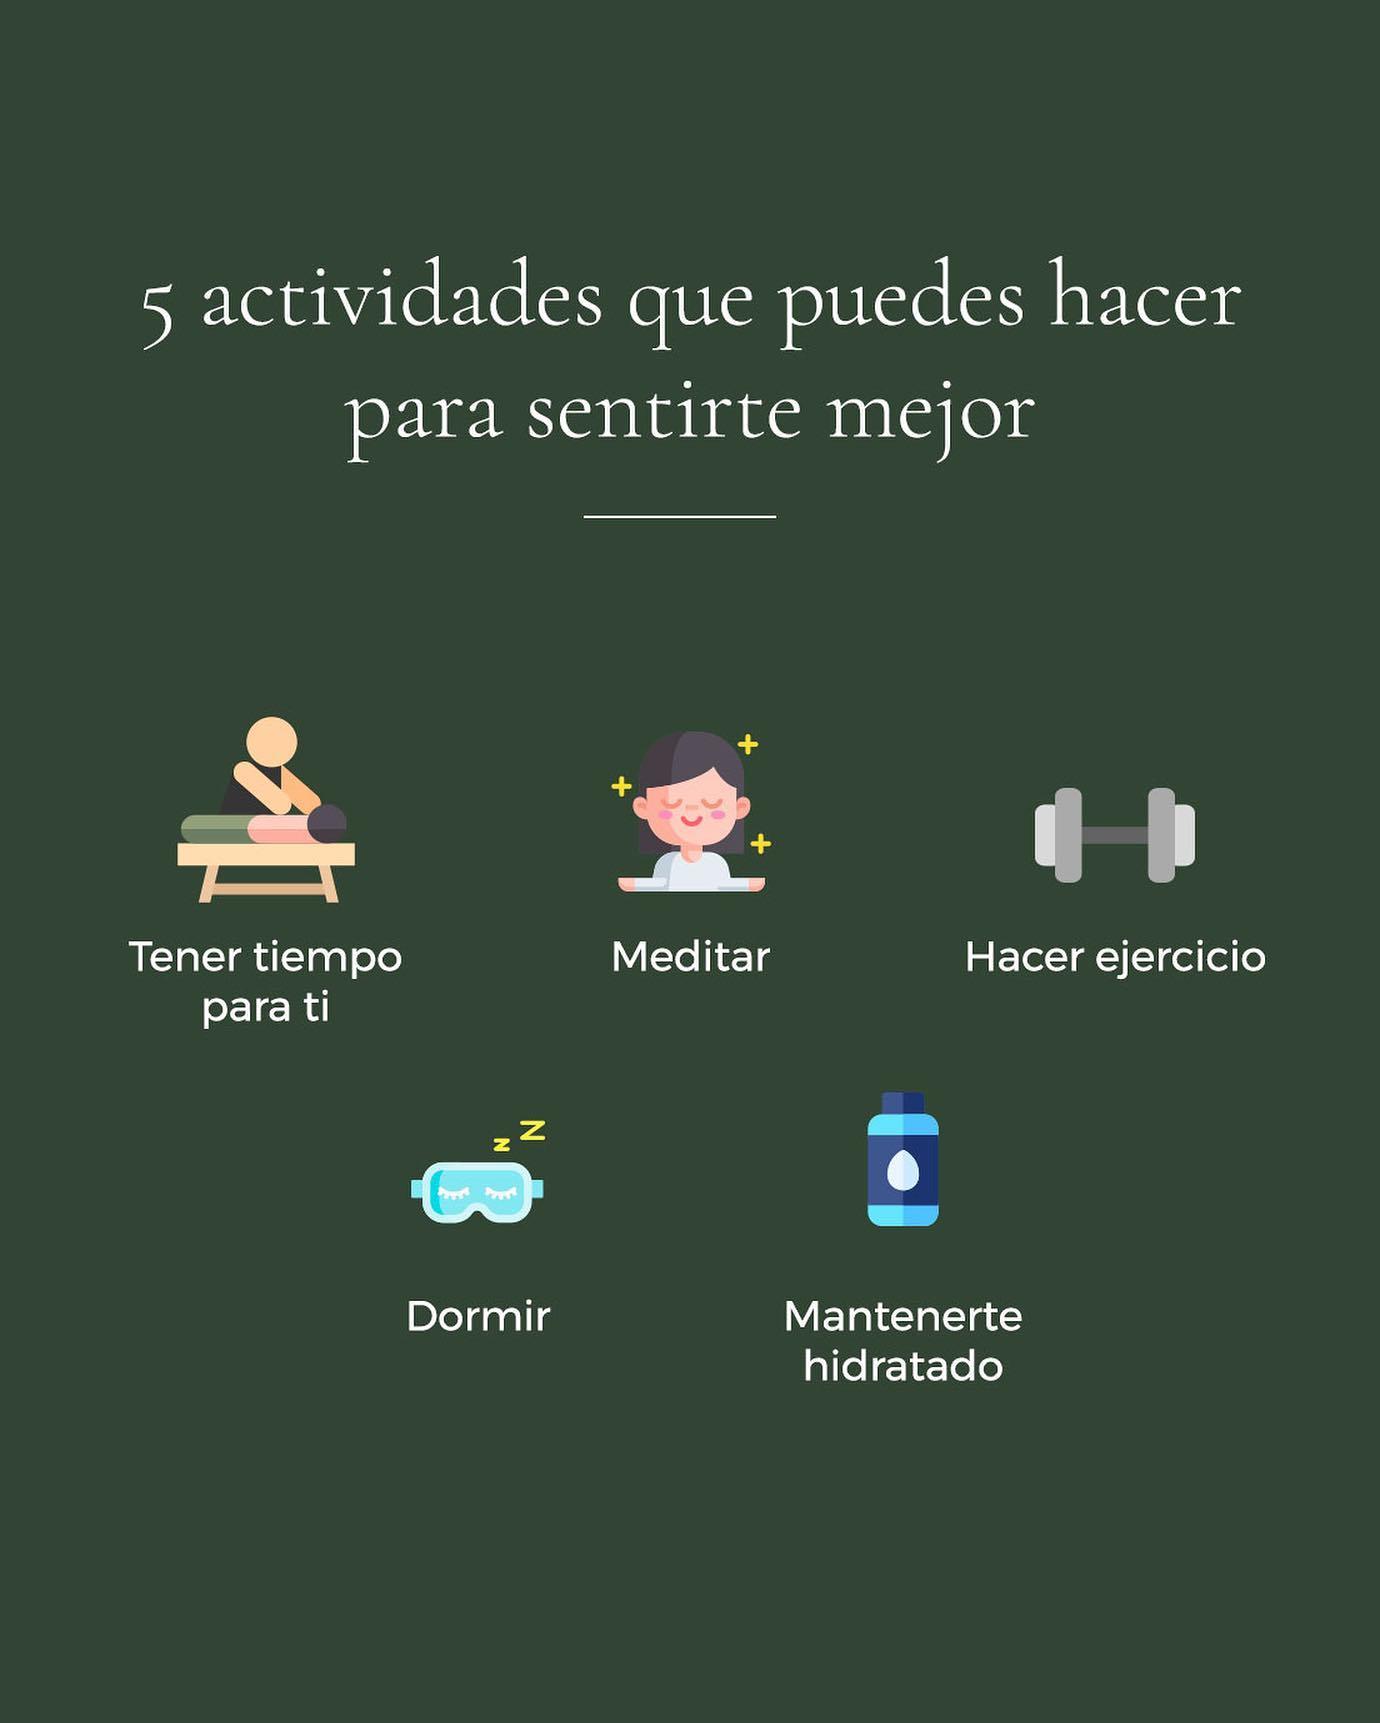 No importa si son 5 minutos o 1 hora. Dedicar un momento para practicar alguna de estas 5 actividades, te hará sentir mejor y